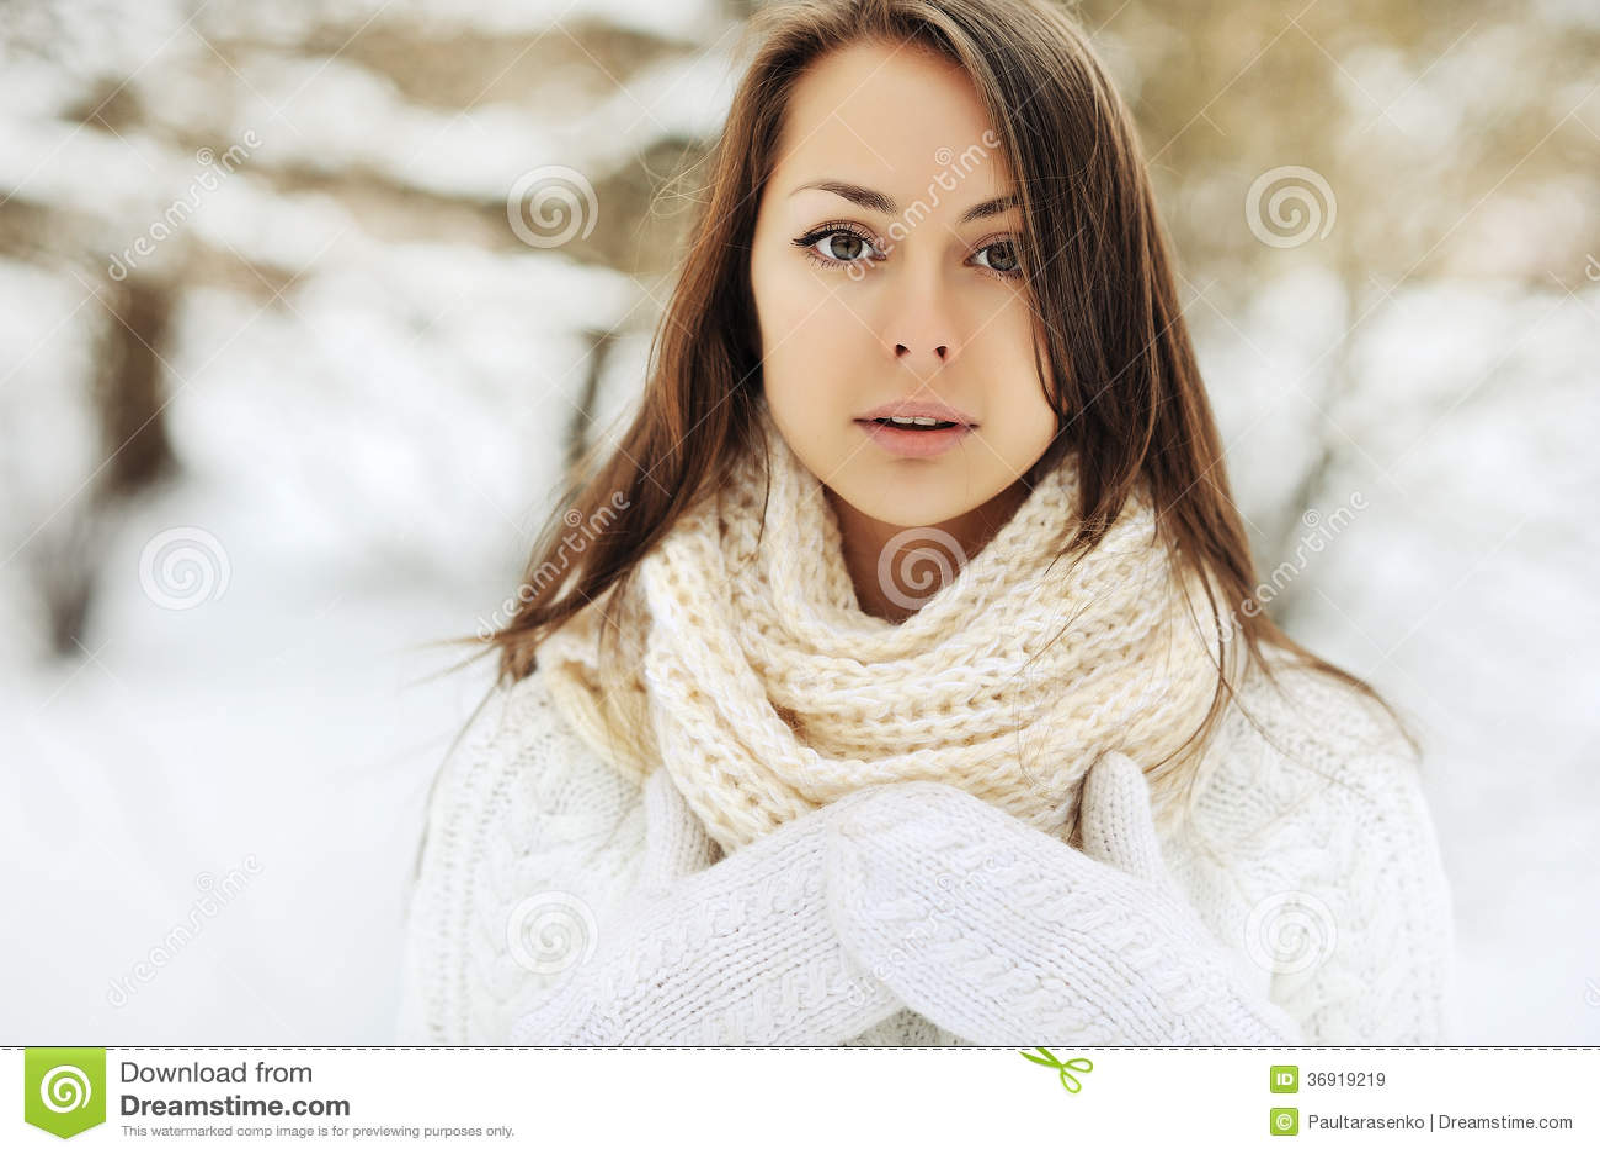 Piękna dziewczyna jest ubranym rękawiczki portret i szalika - outdoors. Clo